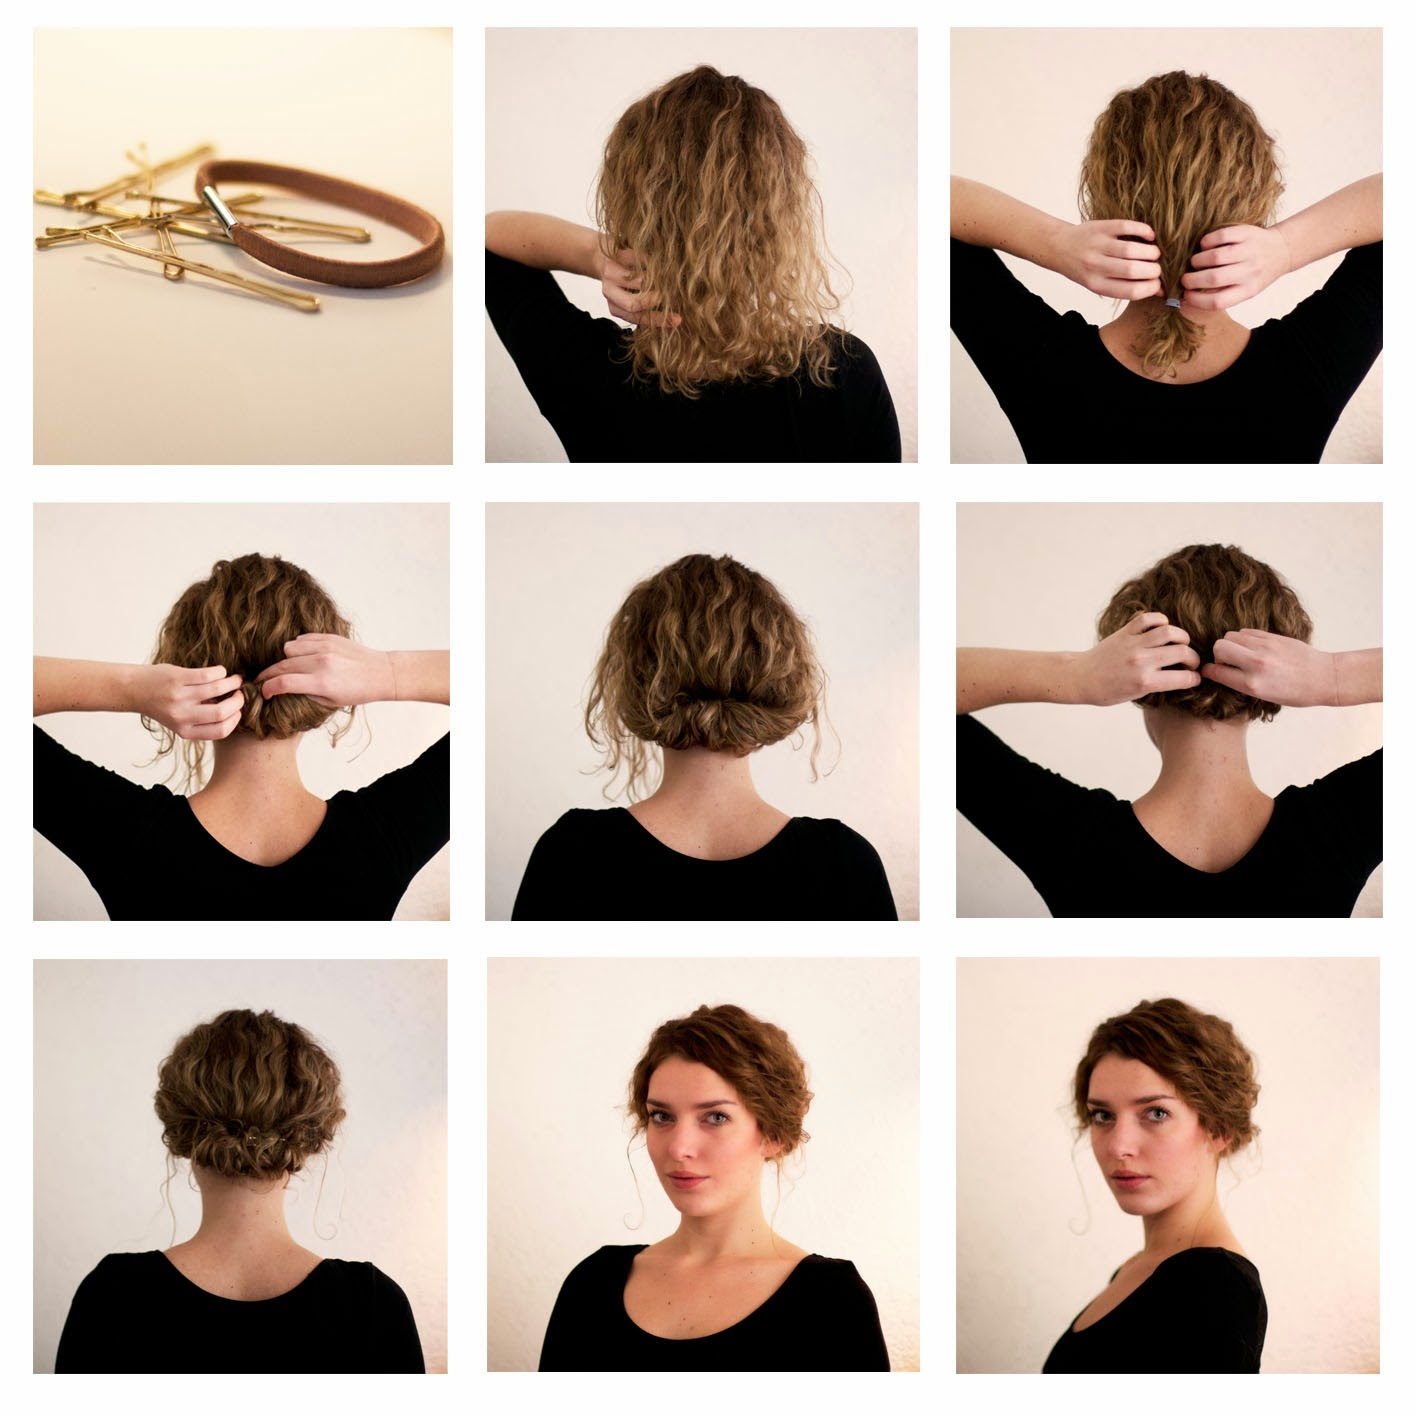 Tuto coiffure cheveux boucles court